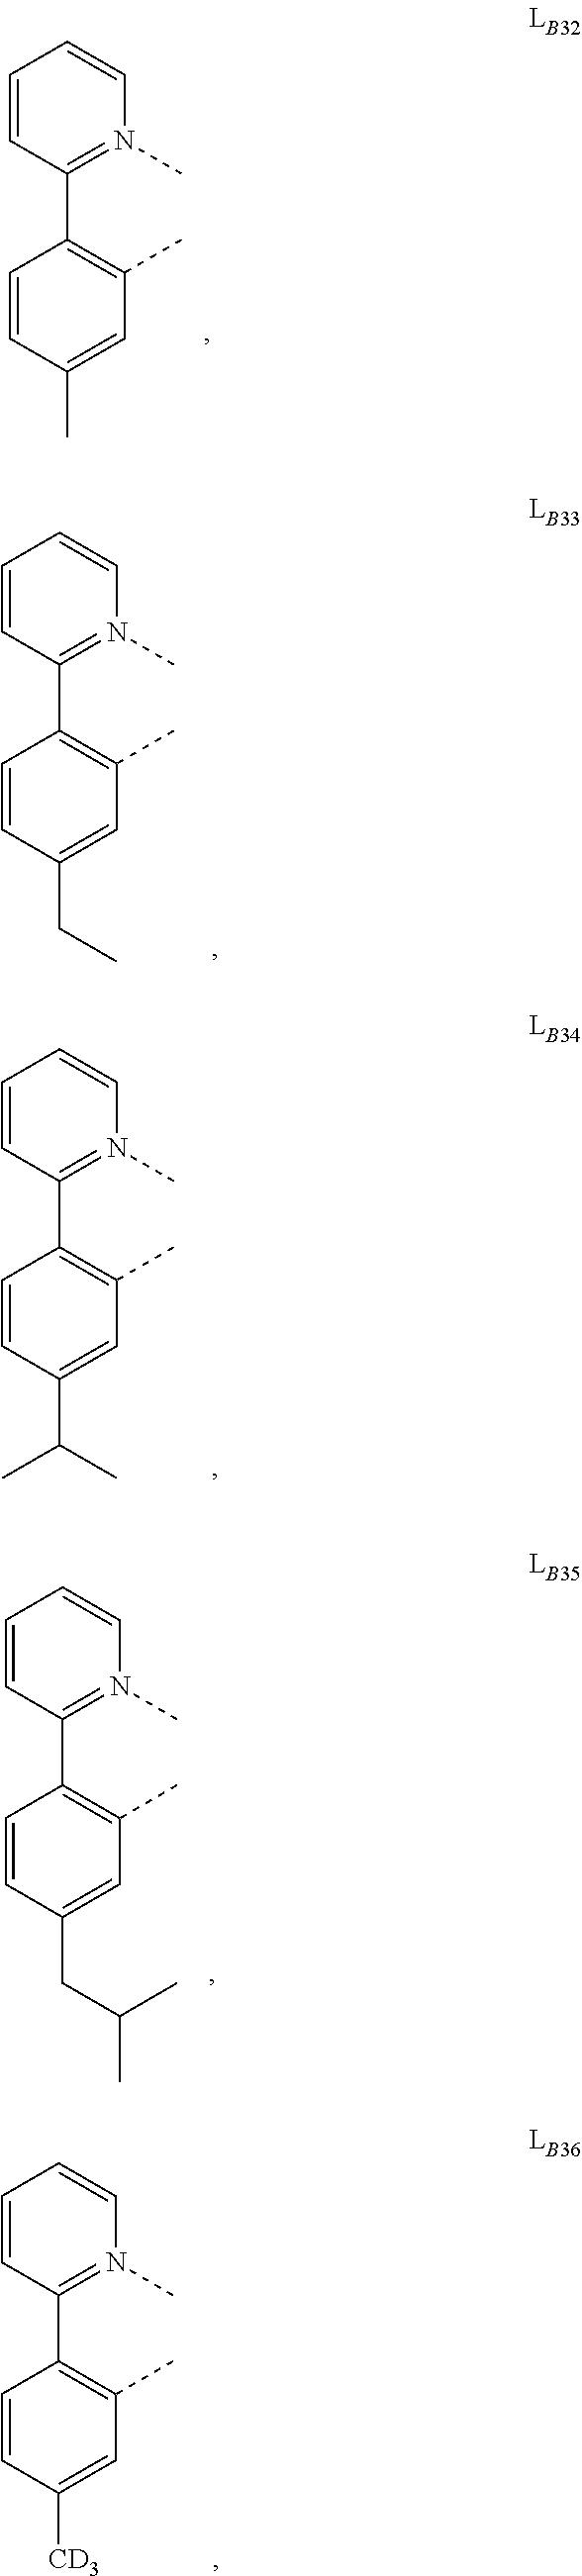 Figure US09691993-20170627-C00309